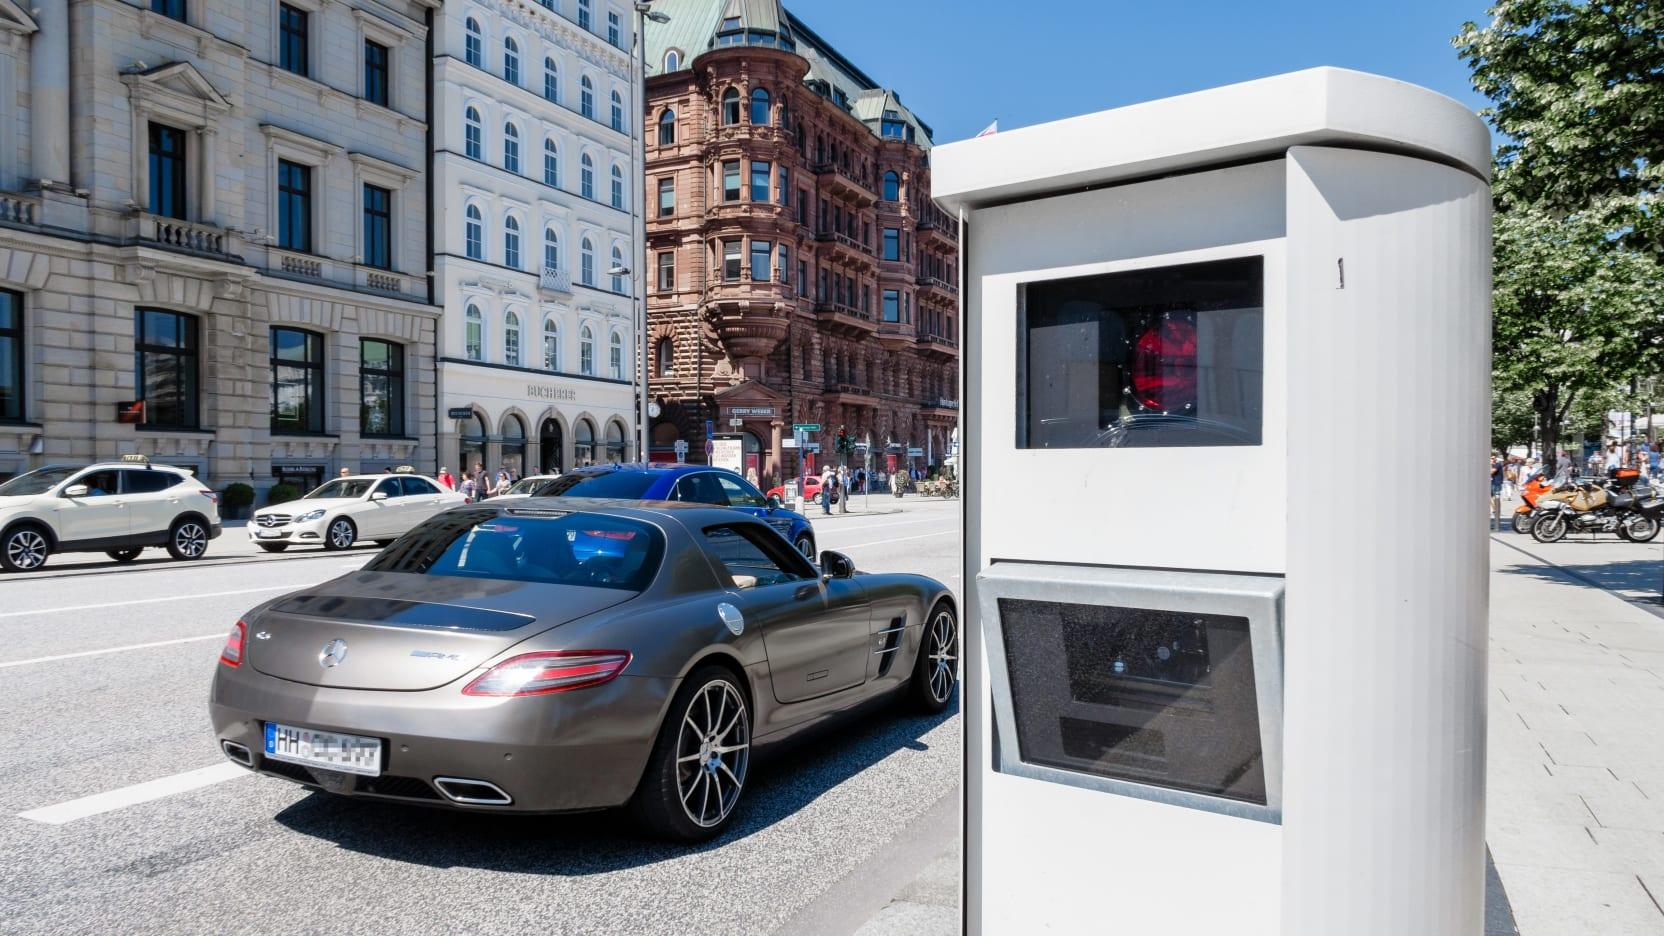 Eine Blitzanlage gegen illegale Autorennen ist am 04.06.2016 in der Hamburger Innenstadt am Jungfernstieg zu sehen.